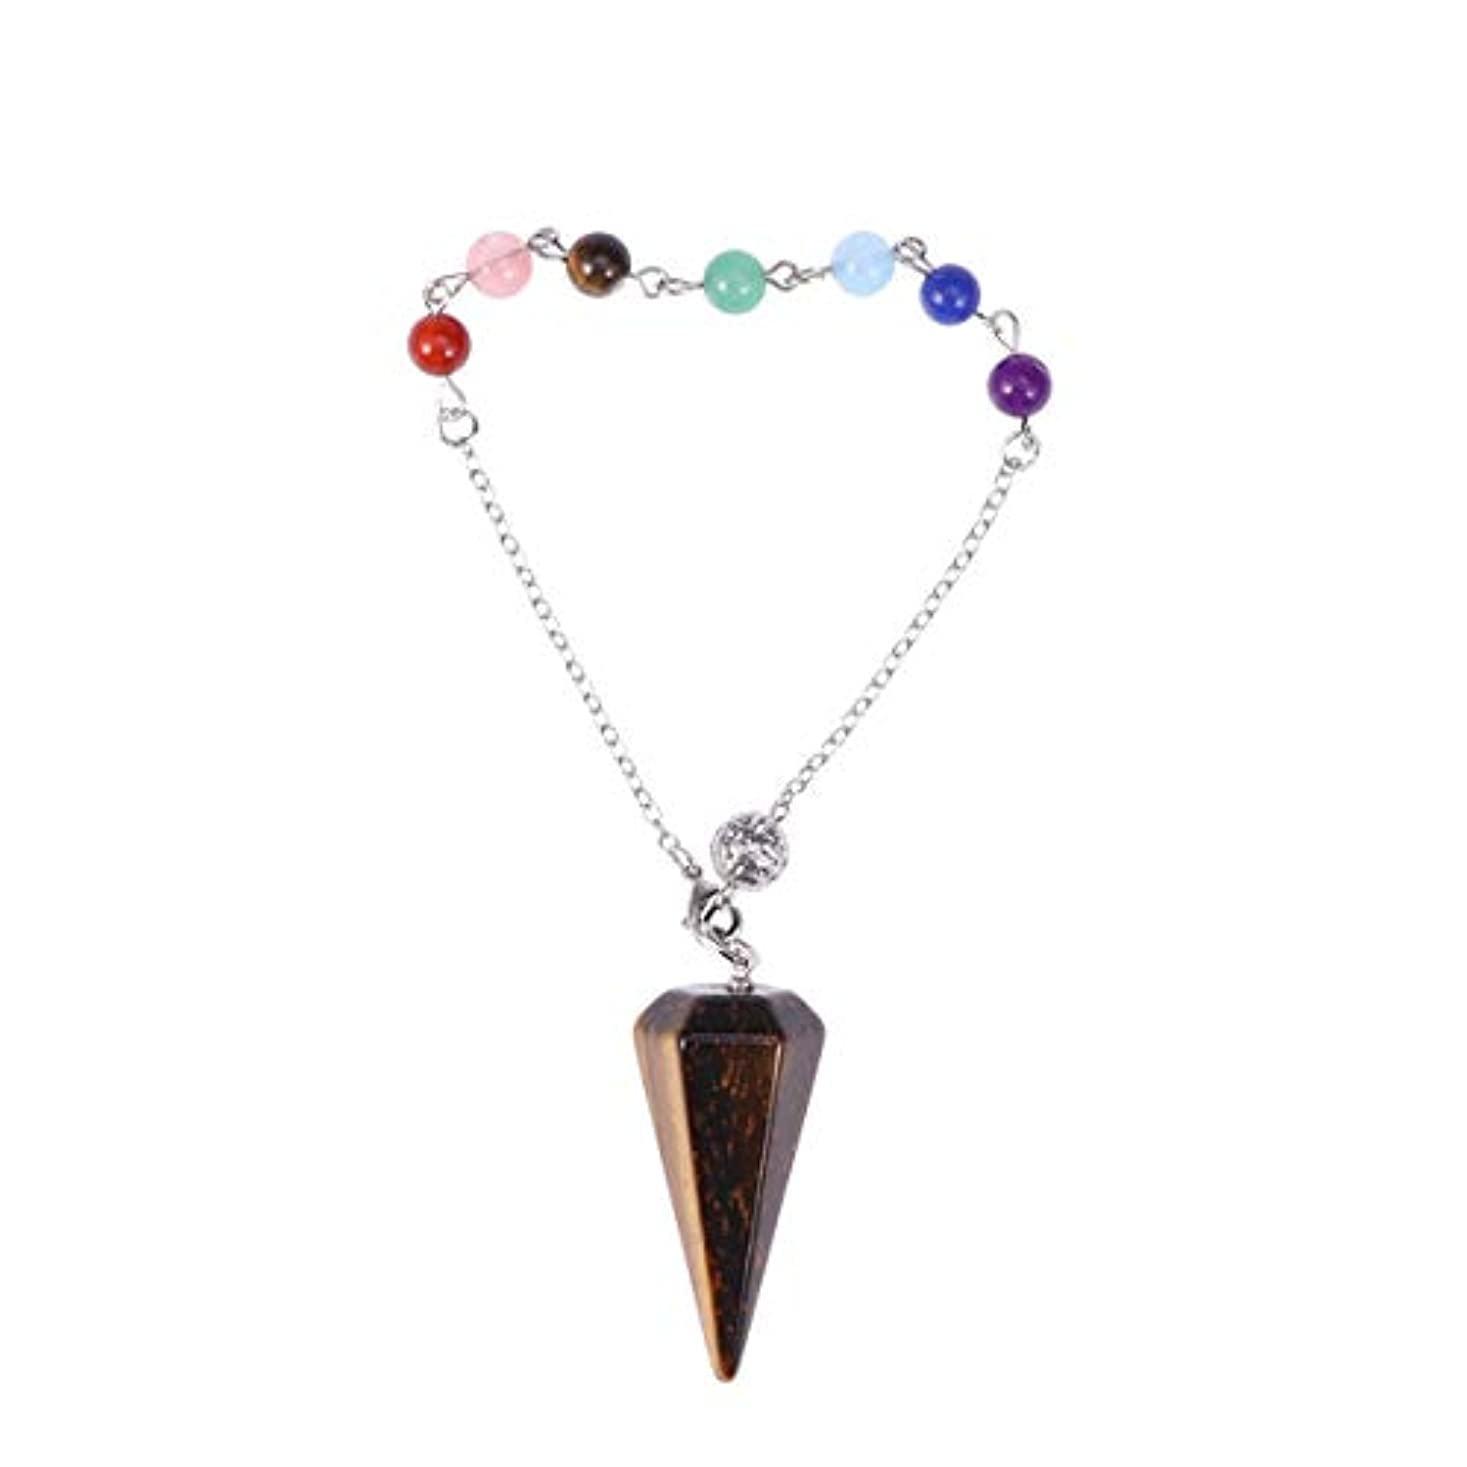 買い物に行くほかに妖精Healifty 美容装飾天然水晶六角形ペンダントターコイズ六角形チャクラチェーンペンダント(タイガーアイ宝石)